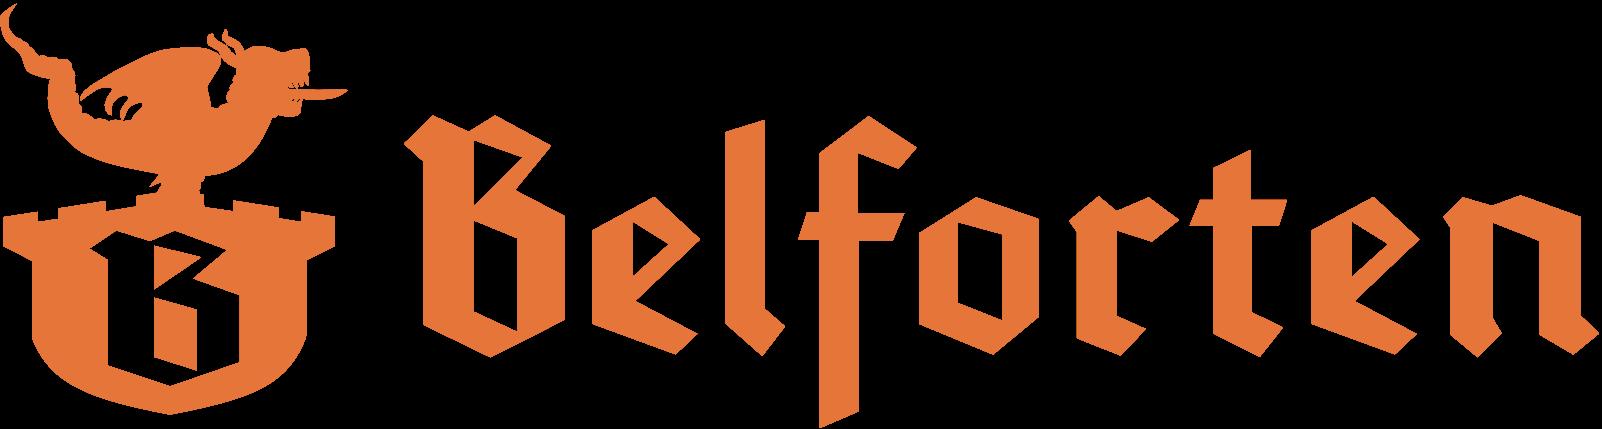 Logo Belforten